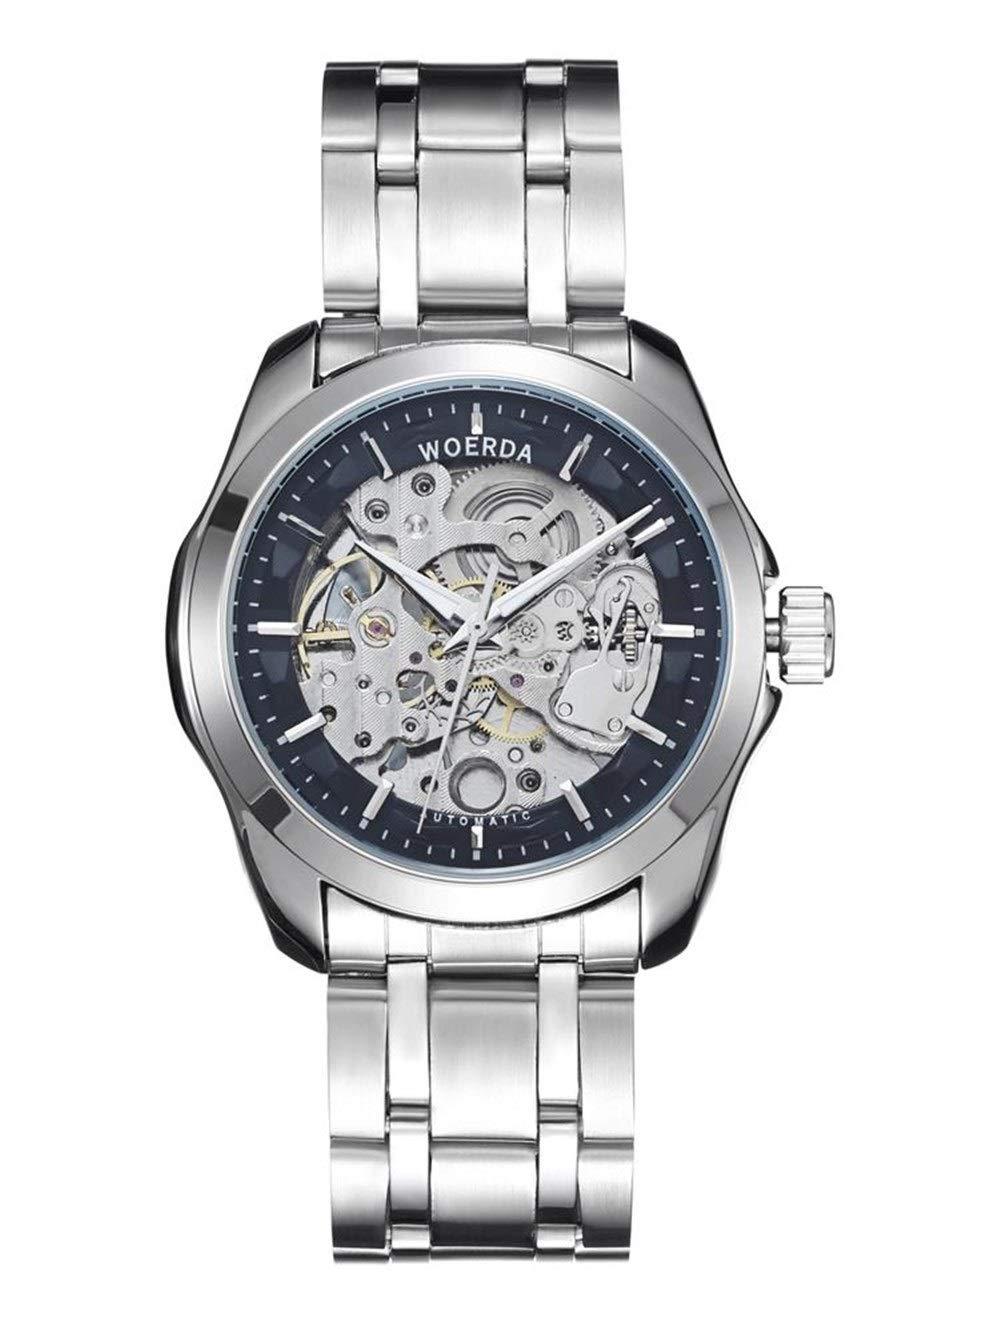 Wyx klocka herr automatisk ihåligt stålbälte sport mekanisk klocka mode trend vattentät lysande (silver) WTR a